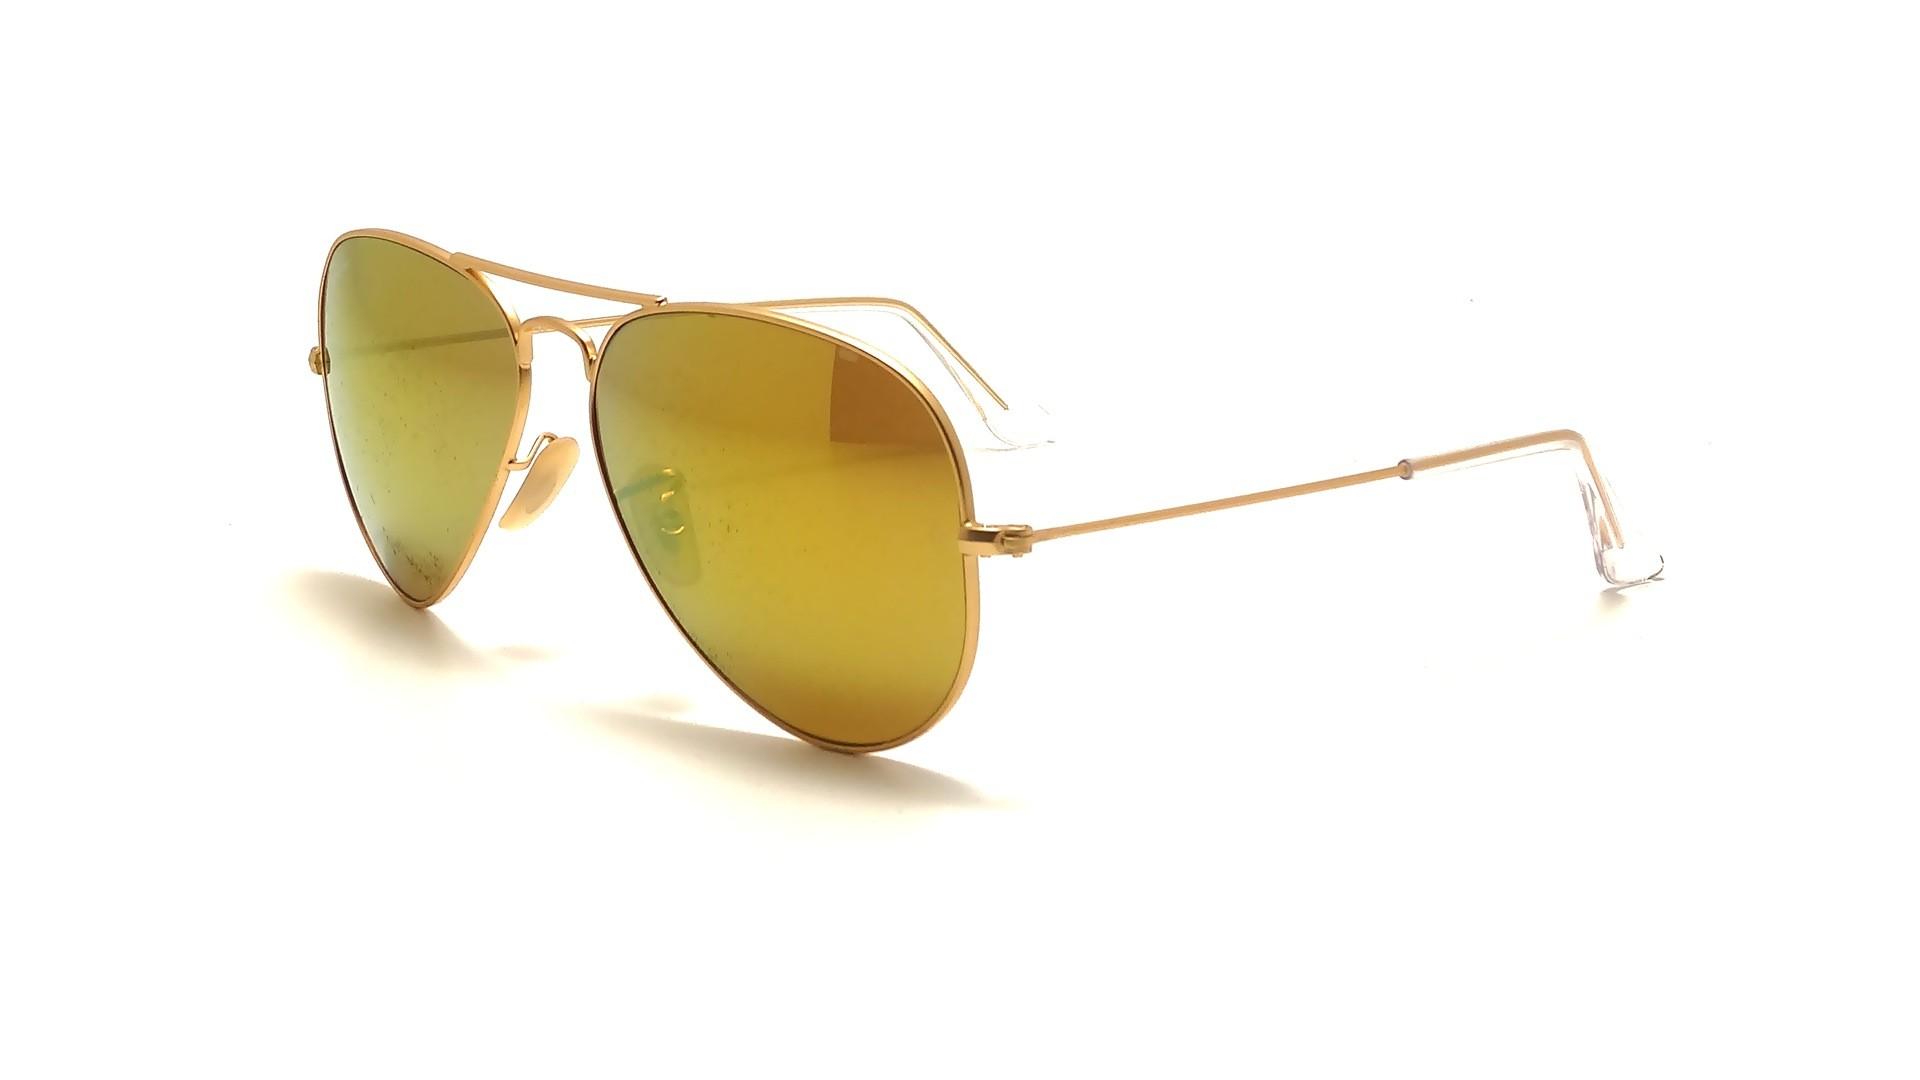 ray ban aviator miroir jaune